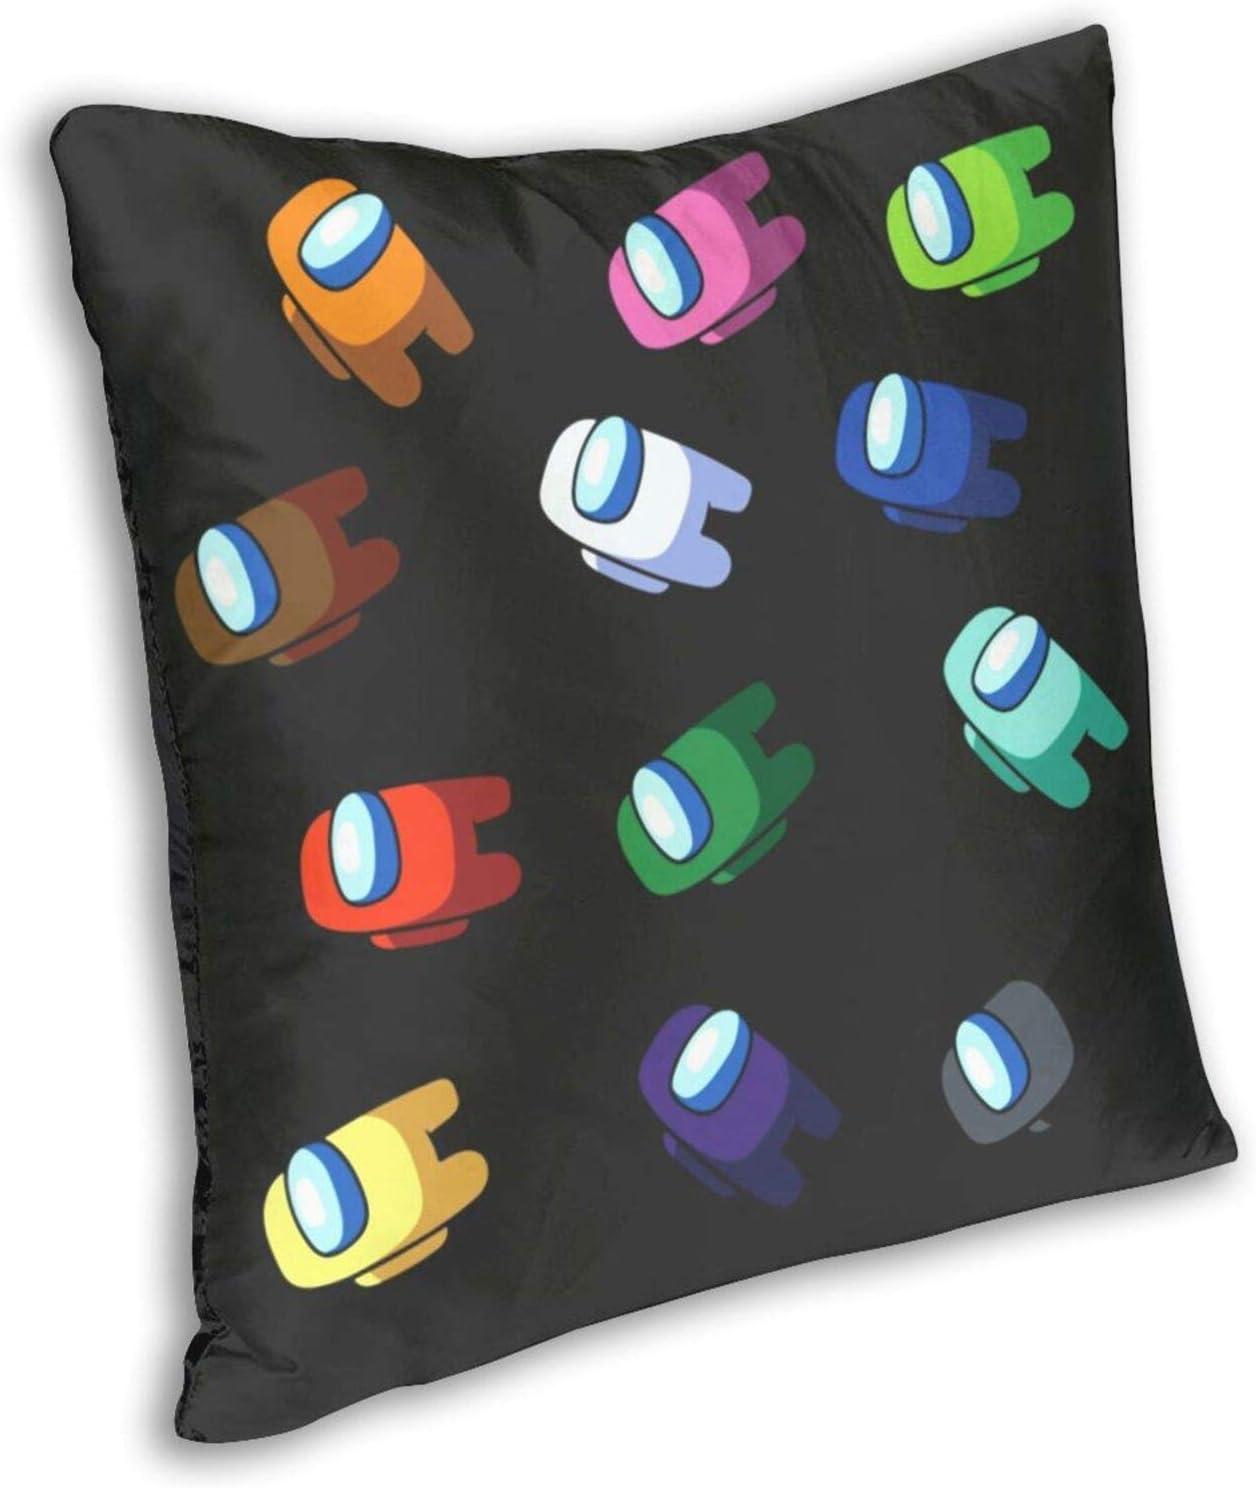 funda de almohada decorativa Funda de almohada de estilo informal 45,7 x 18 pulgadas dos lados suave y cuadrada con cremallera ISHAFQT Imposter Among Us